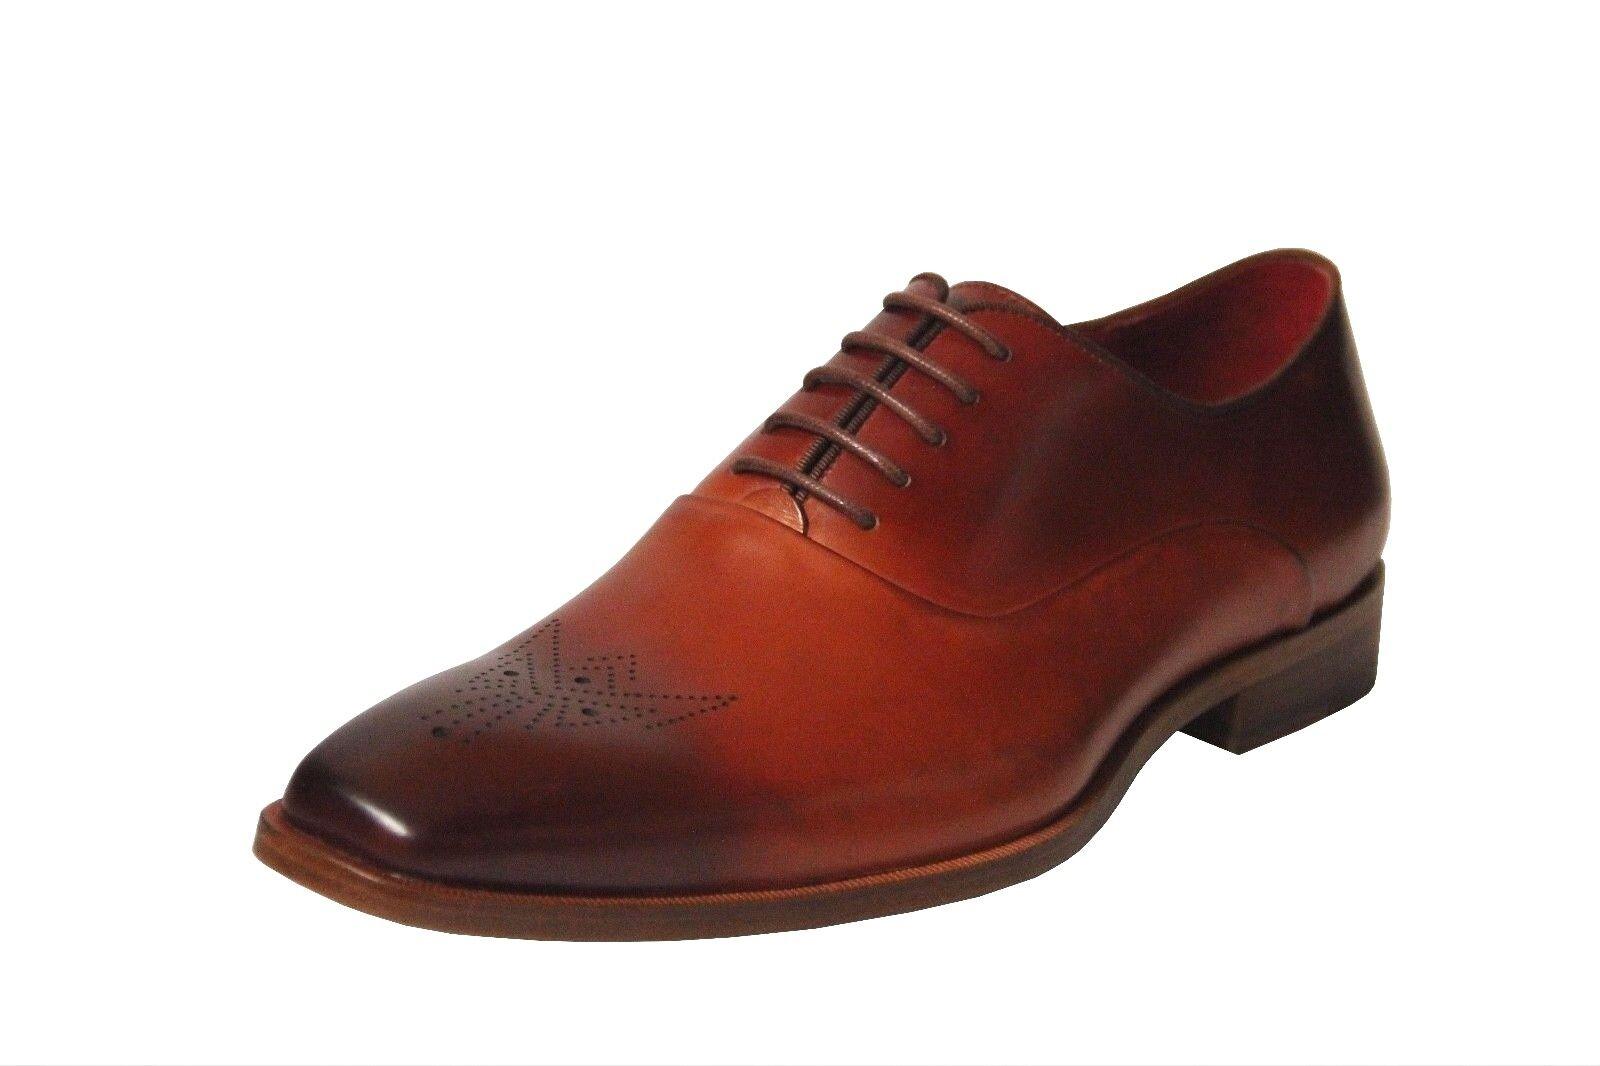 Zapatos de vestir Steven Land Para hombres Oxford Cuero Genuino Burdeos SL0017